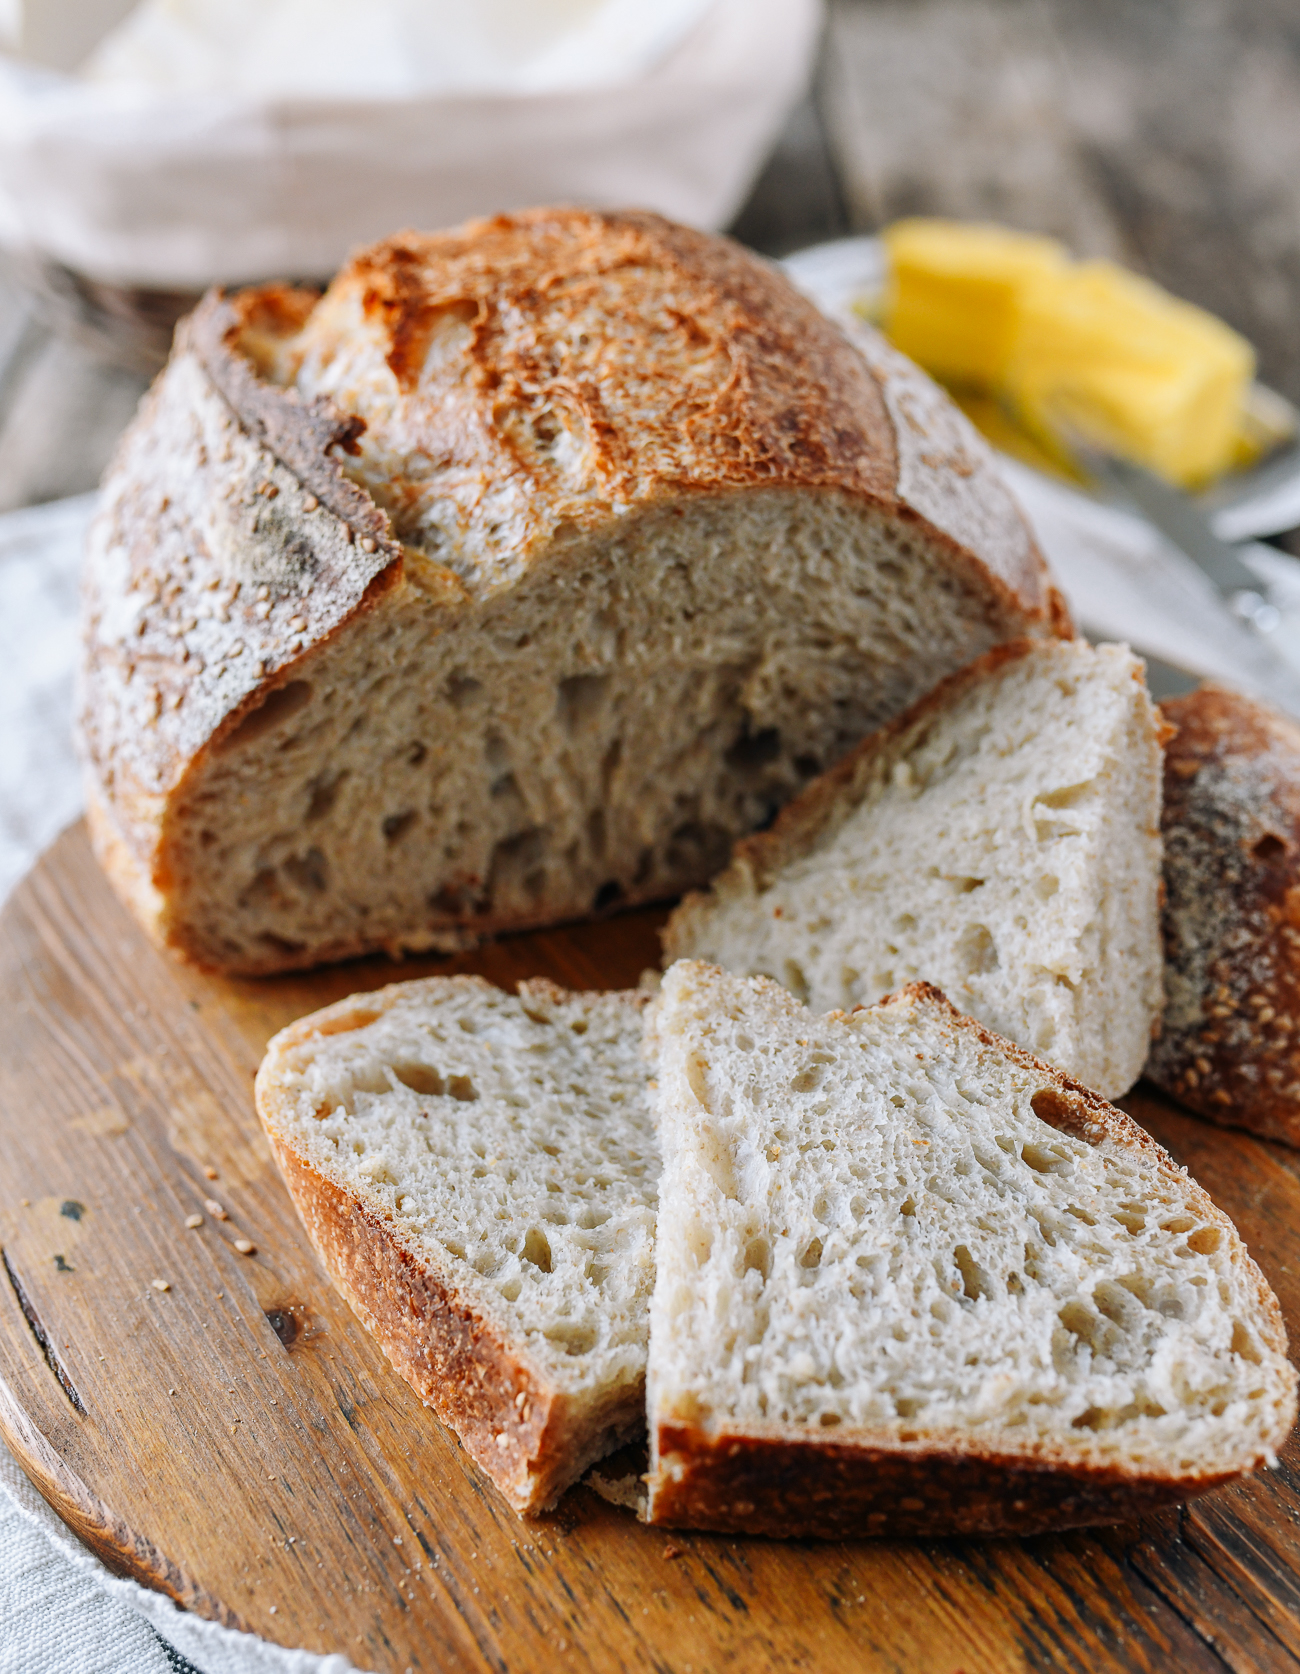 Homemade Artisan Sourdough Bread